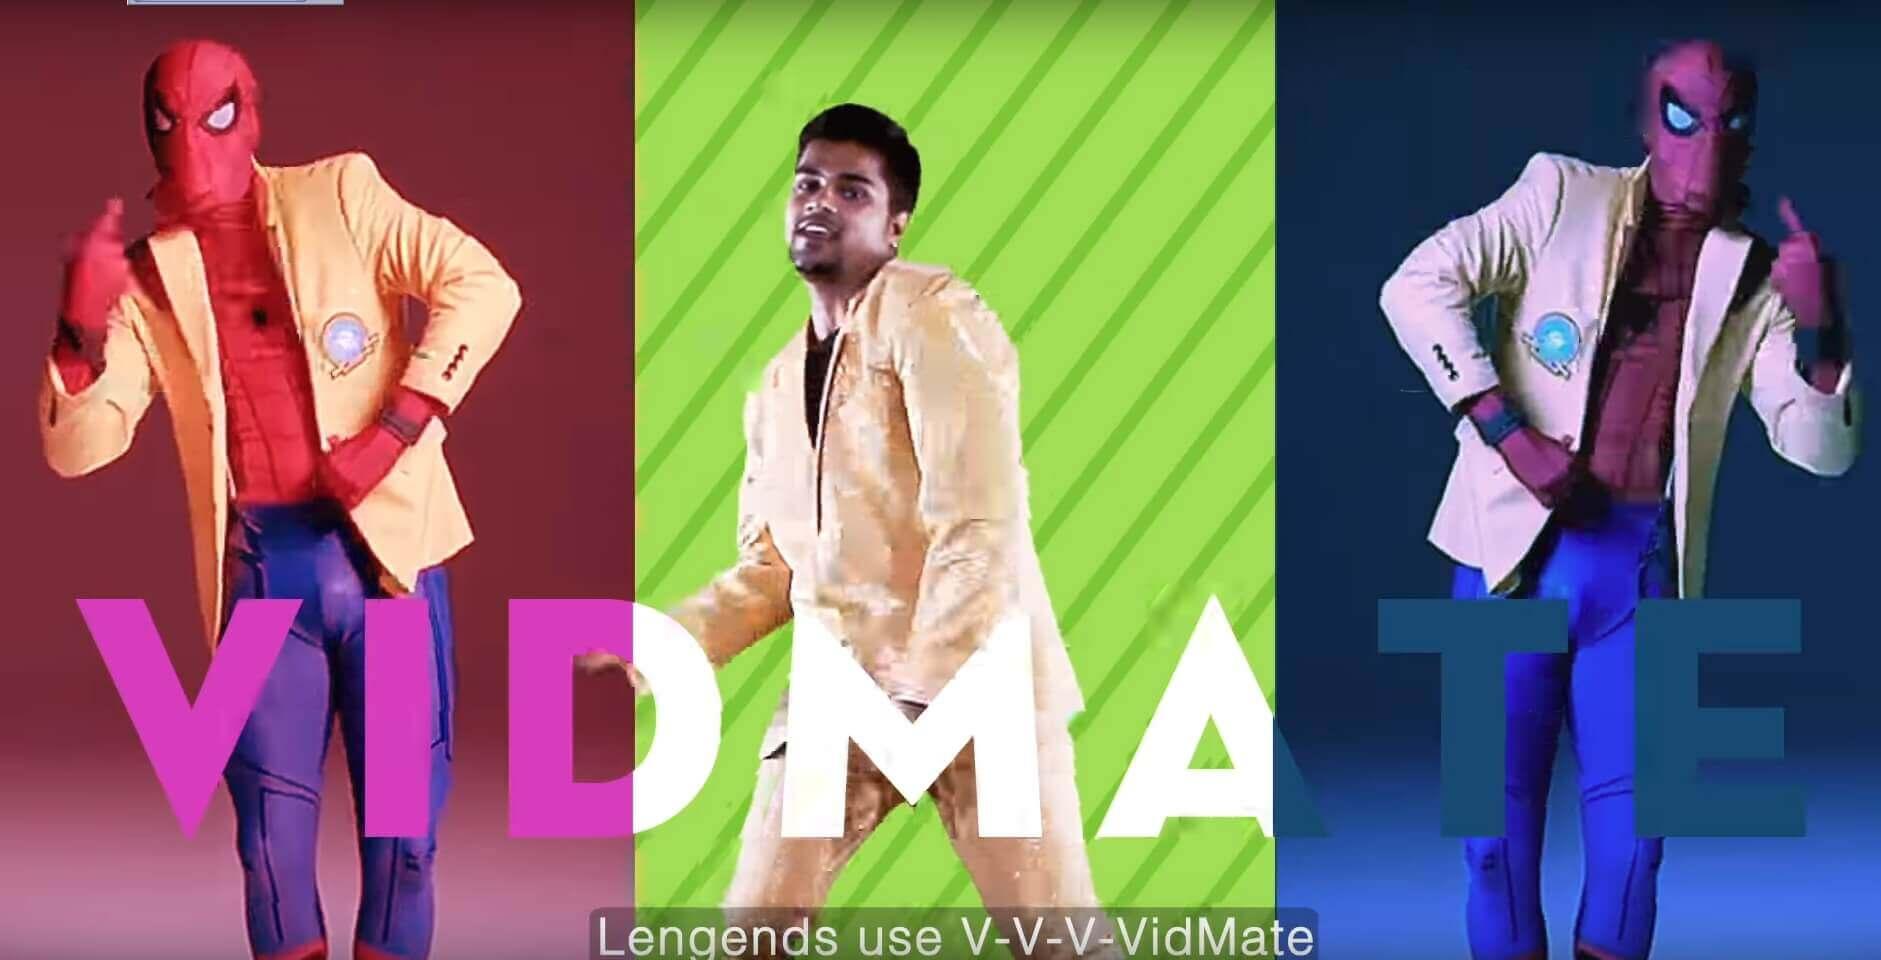 VidMate advertisement